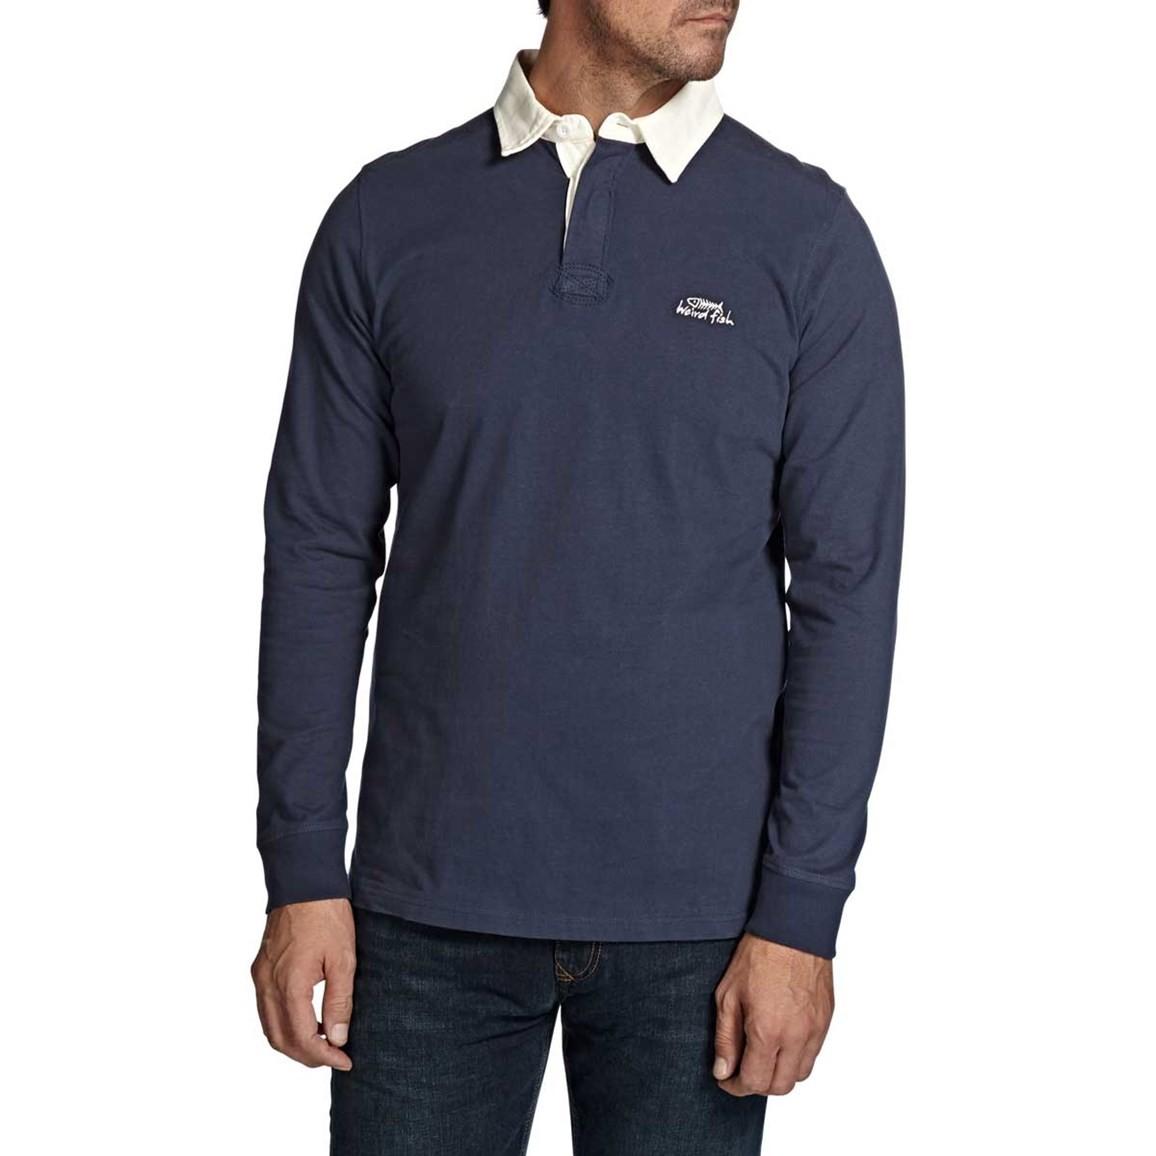 Lynton Cotton Sueded Rugby Style Sweatshirt Dark Navy